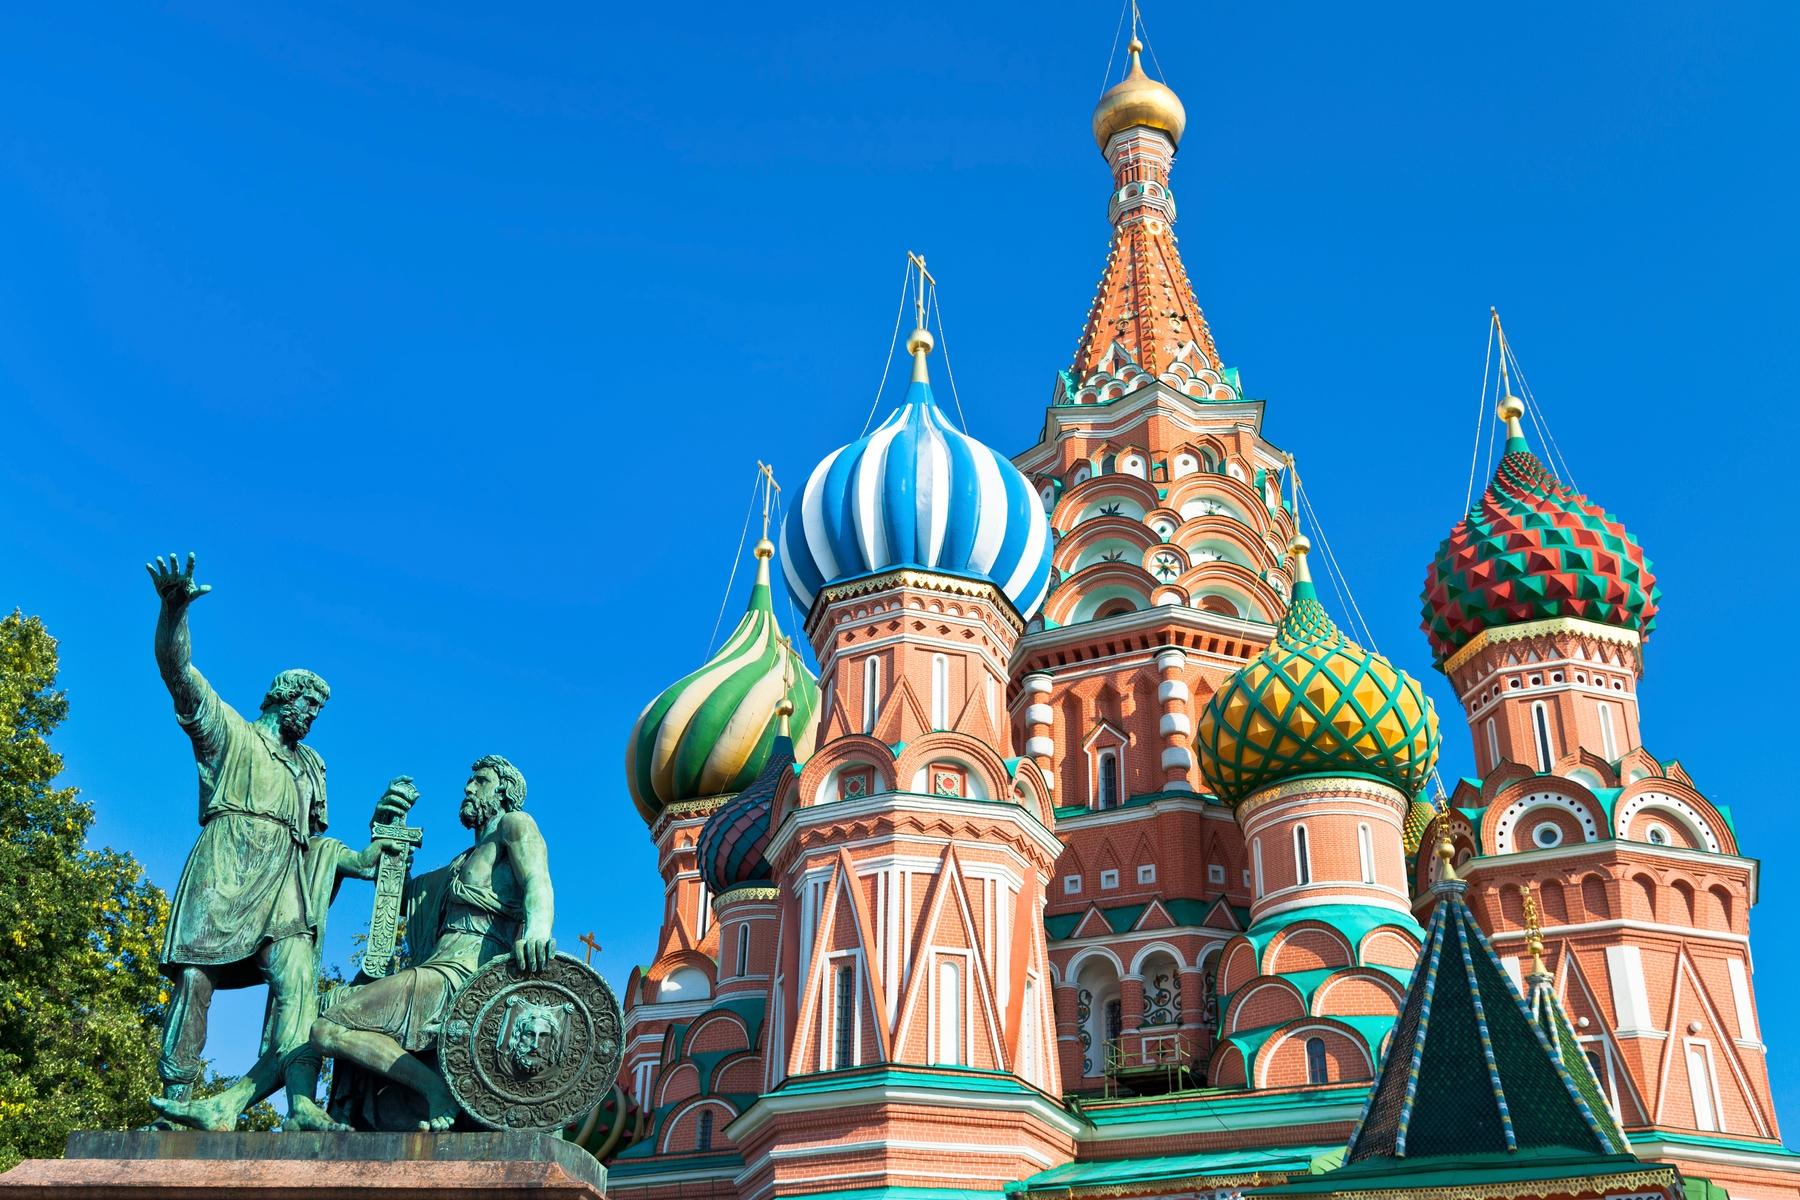 Vacaciones baratas: 17 destinos económicos: Rusia